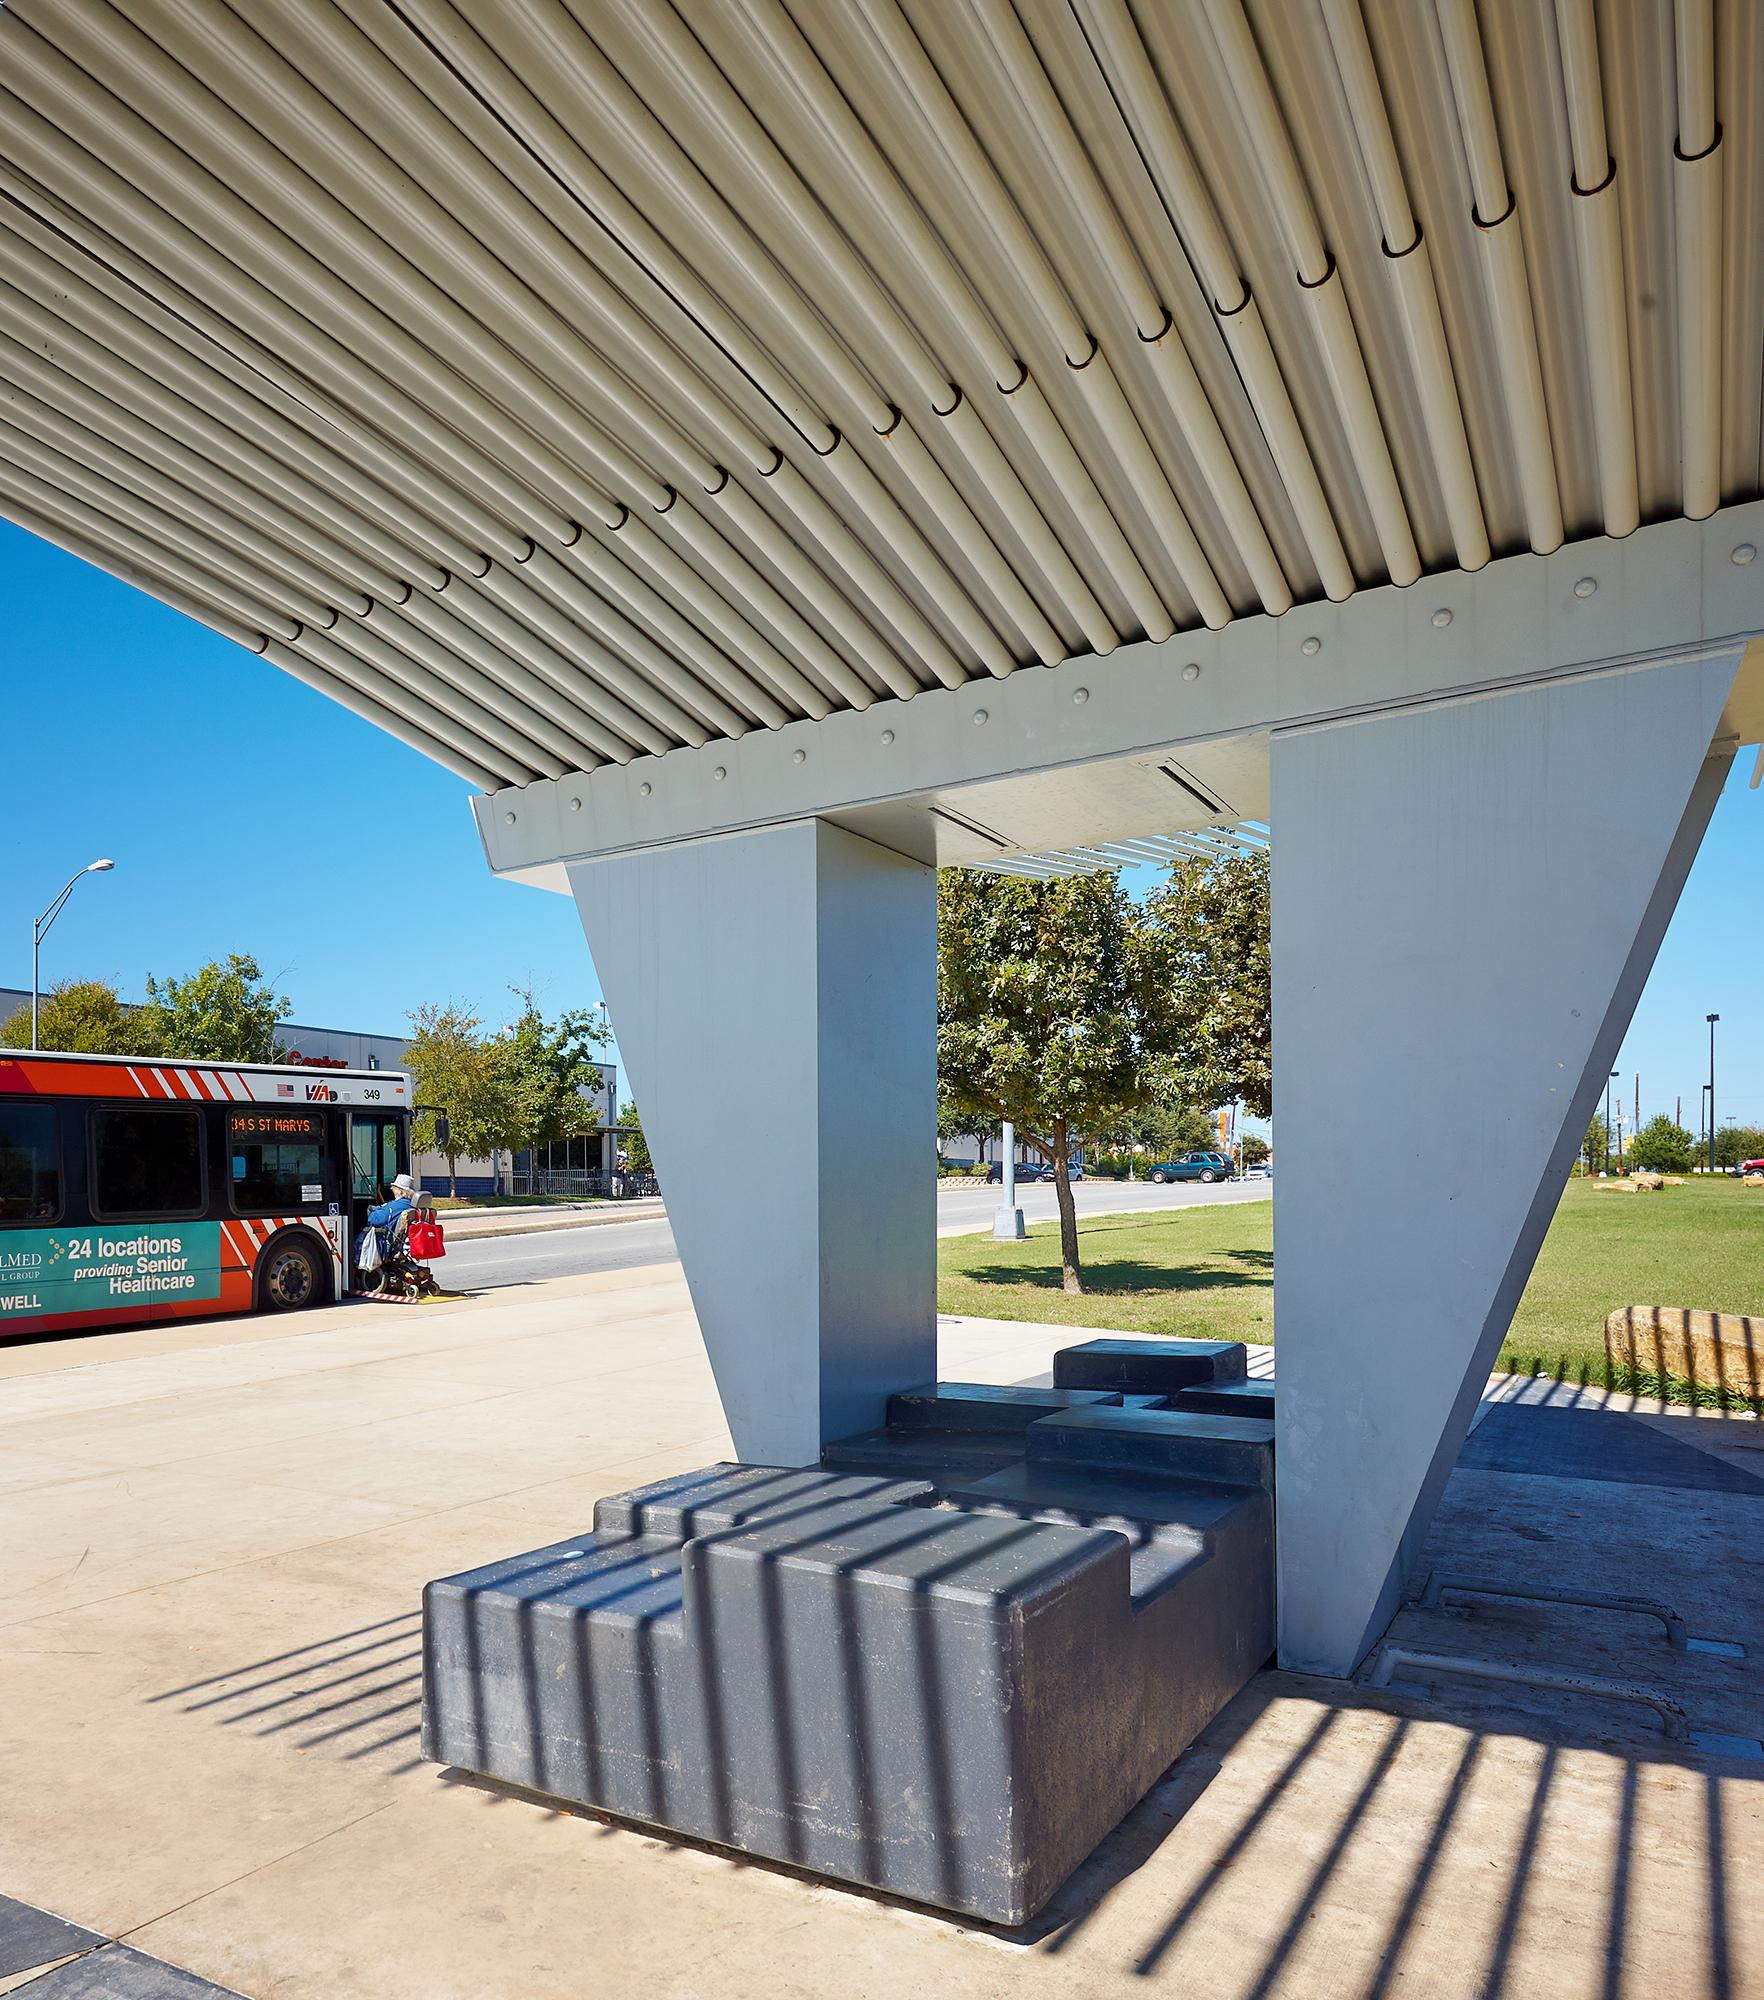 04 via bus stop.jpg